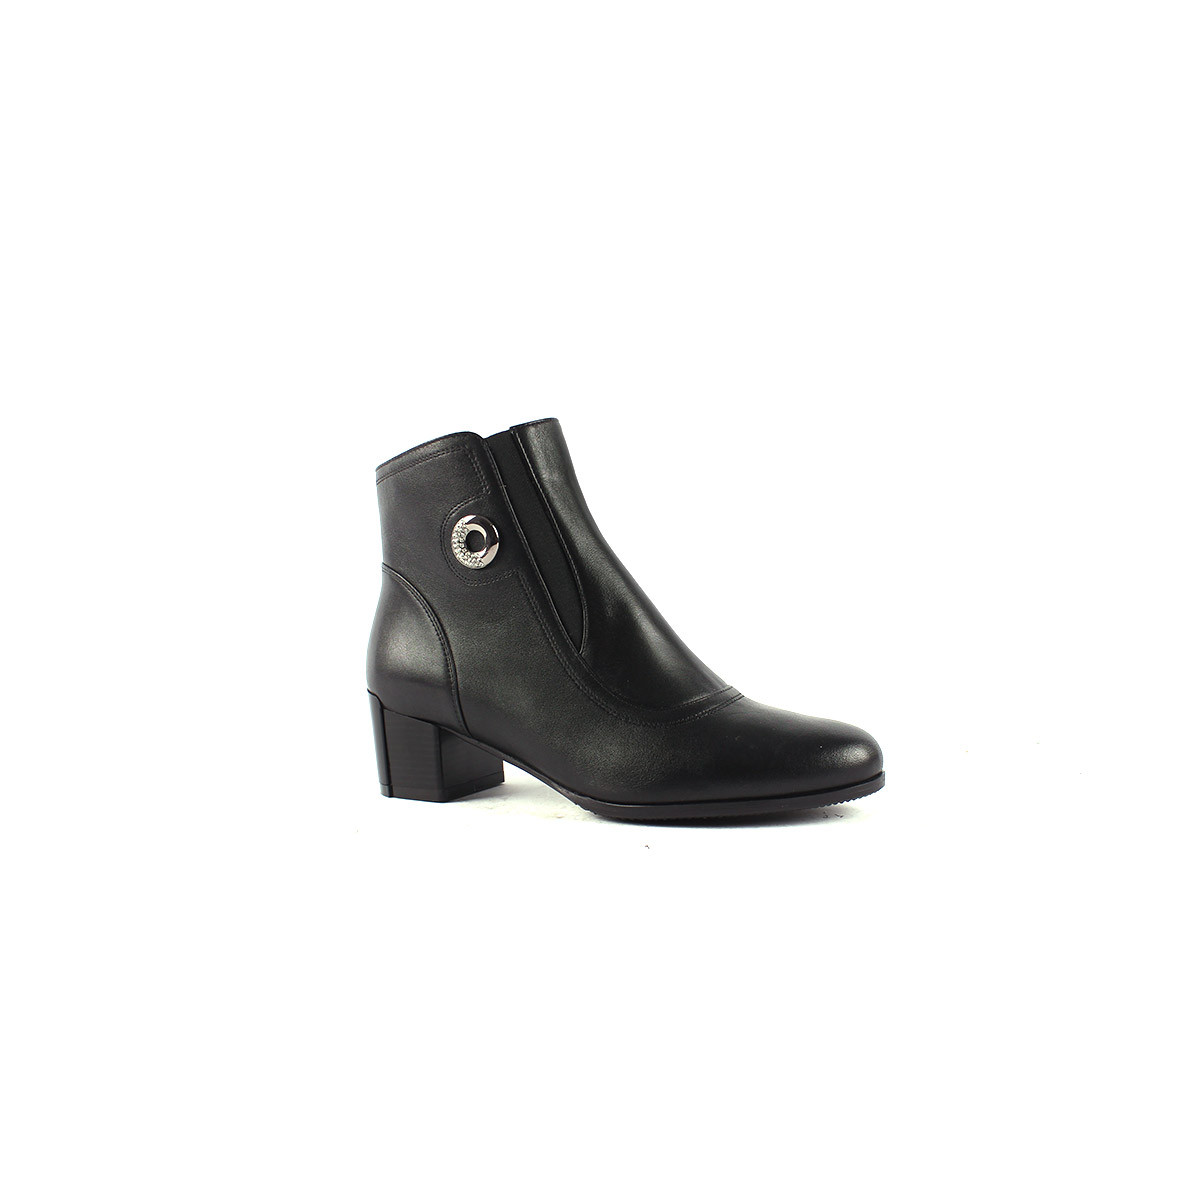 Кожаные ботинки на среднем каблуке